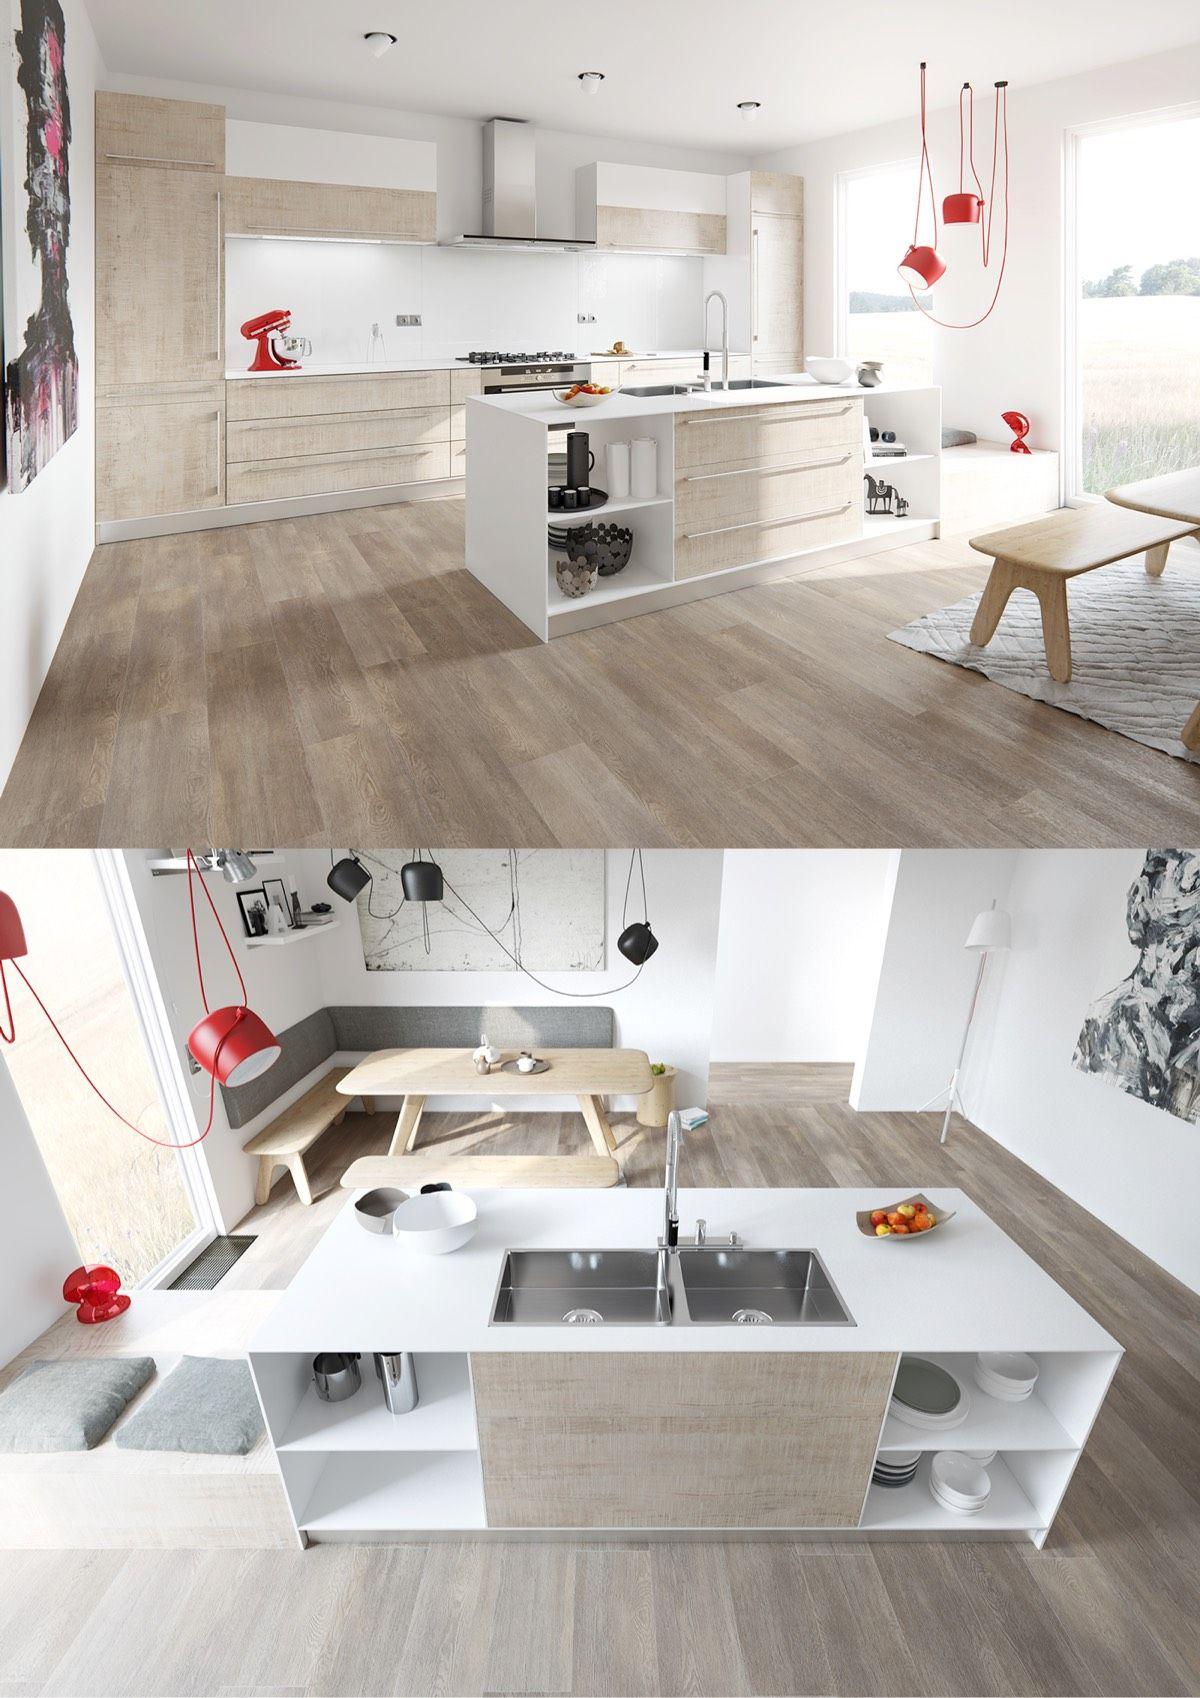 Ideas de cocinas modernas, descubre tendencias y líneas de diseño ...